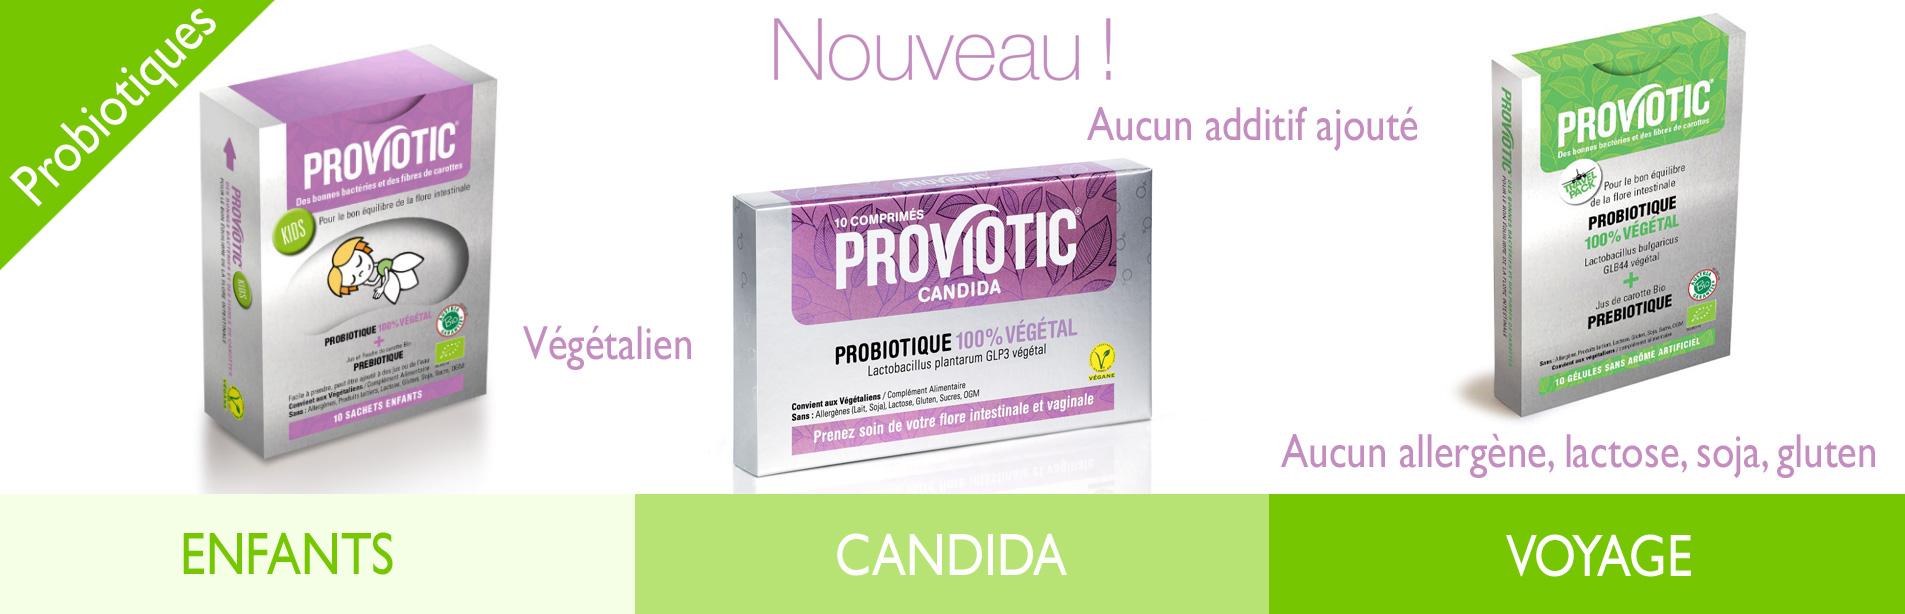 probiotique - proviotic